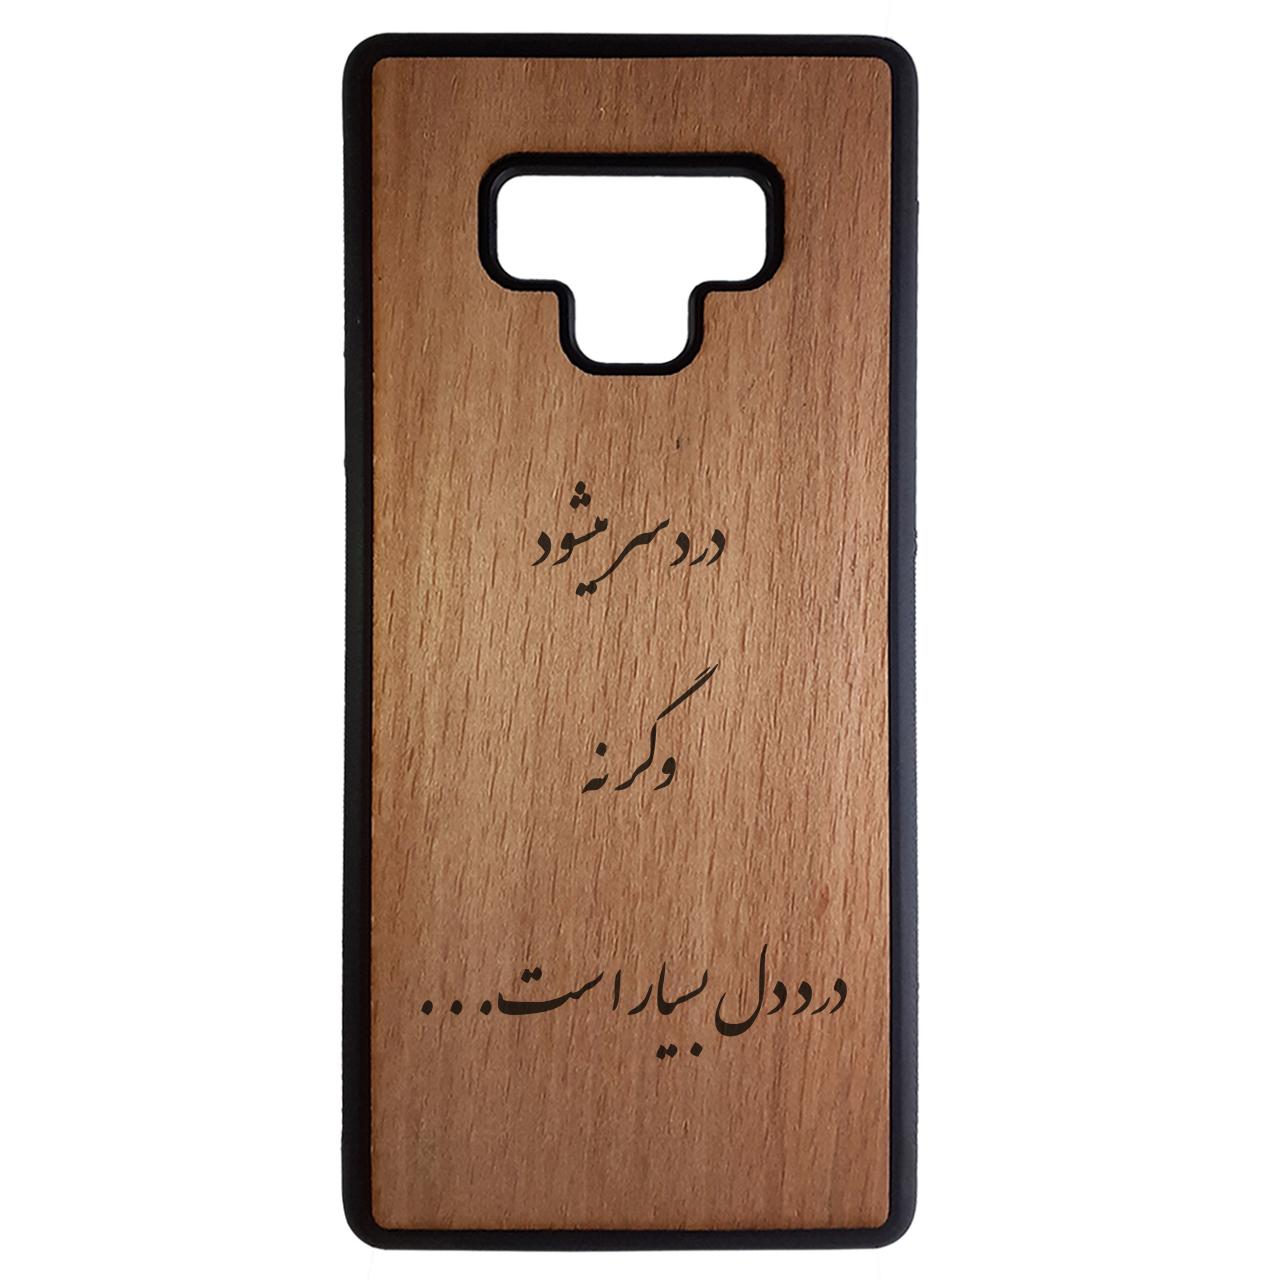 کاور مدل NO519 مناسب برای گوشی موبایل سامسونگ Galaxy Note 9